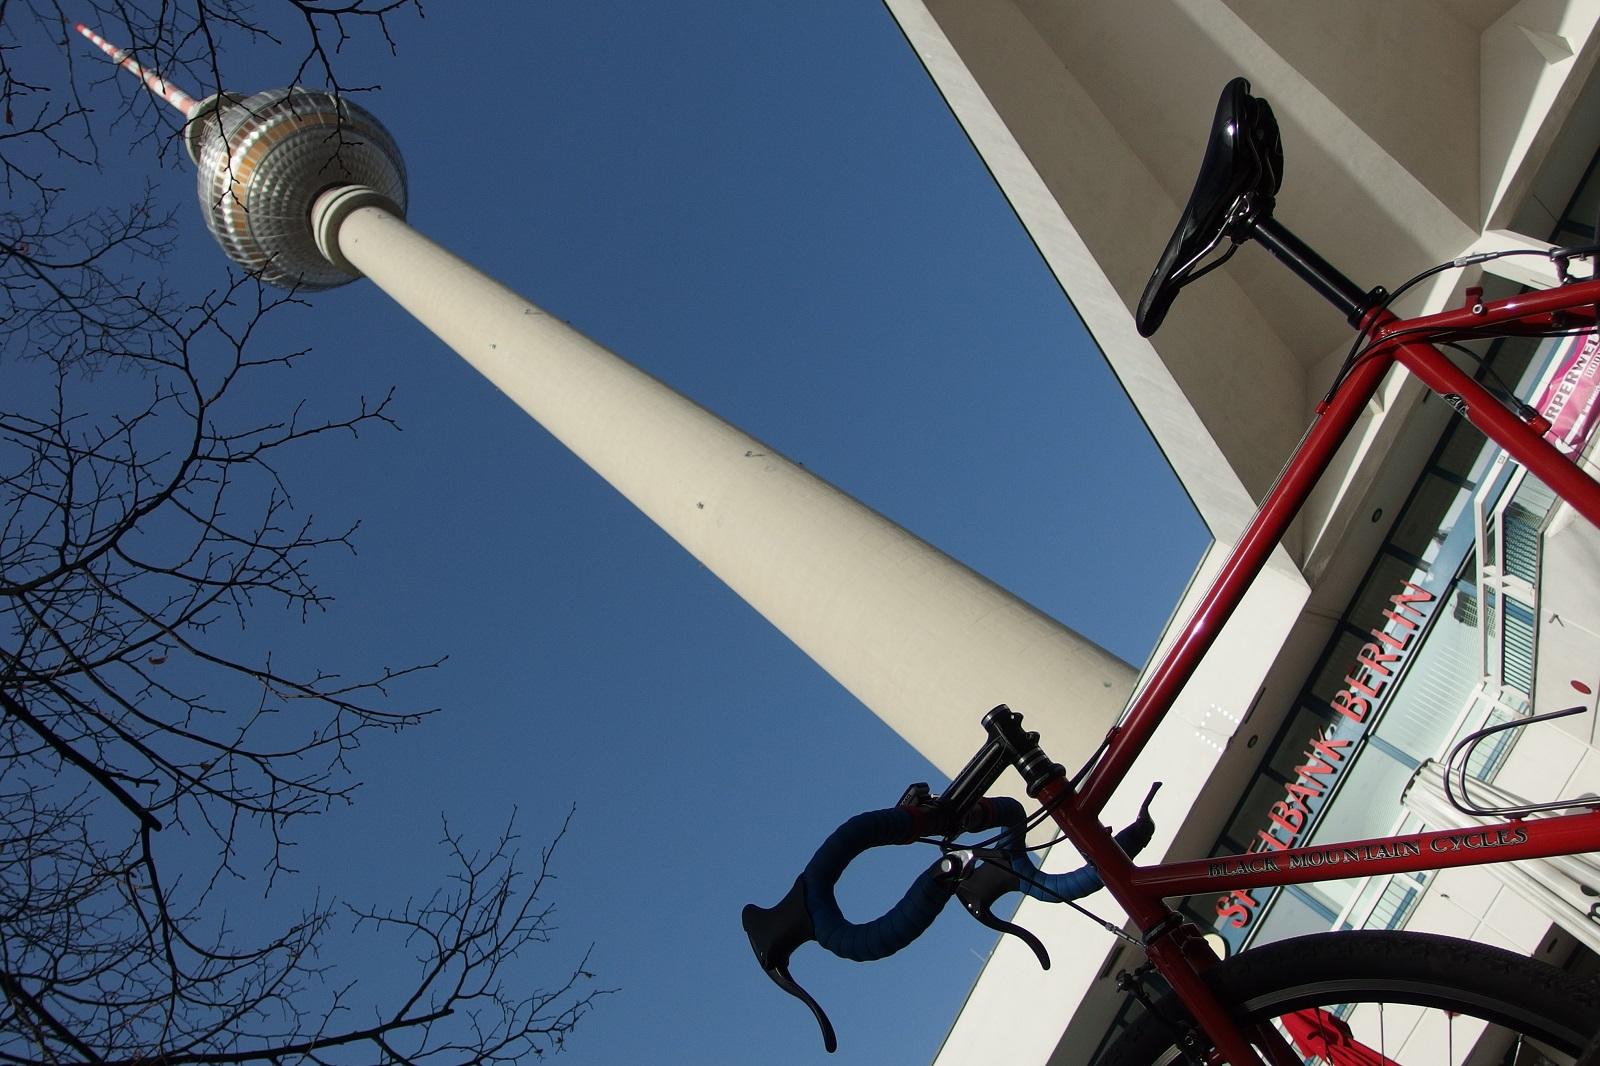 BMC_Berlin_02.jpg